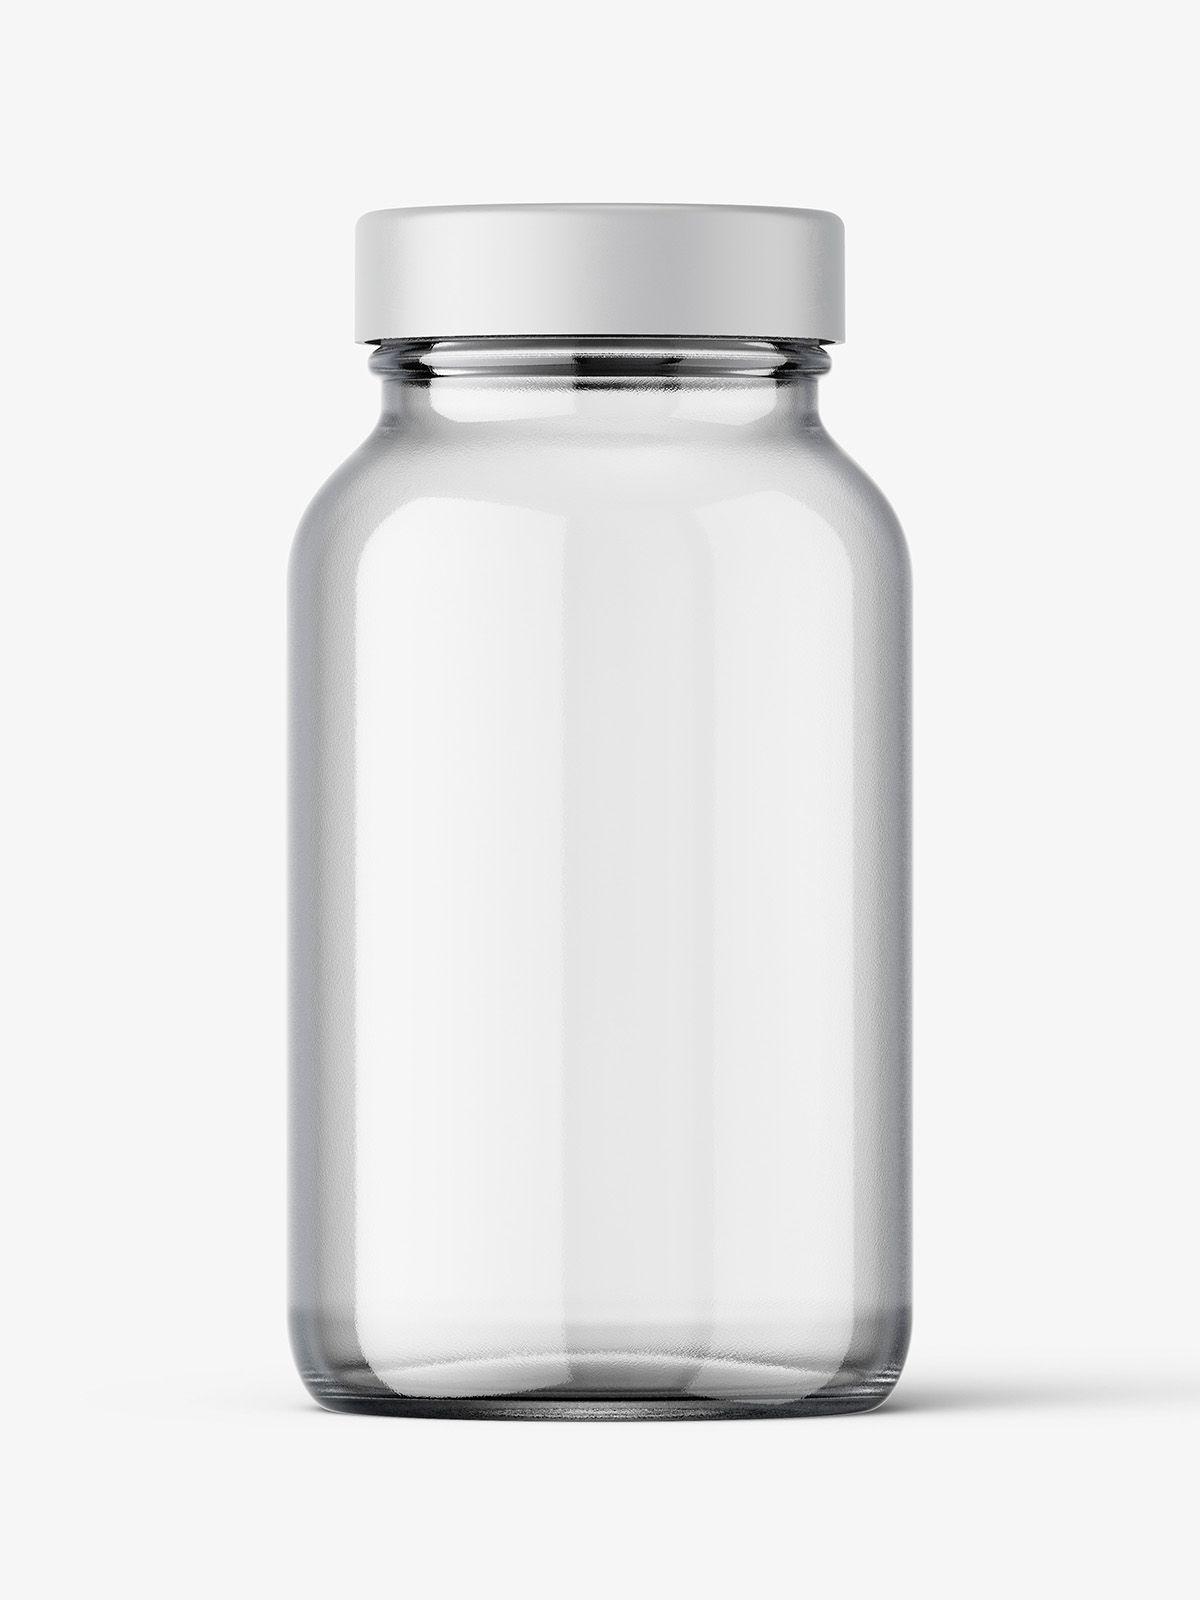 Clear Jar Mockup Smarty Mockups Clear Jars Jar Jar Glasses